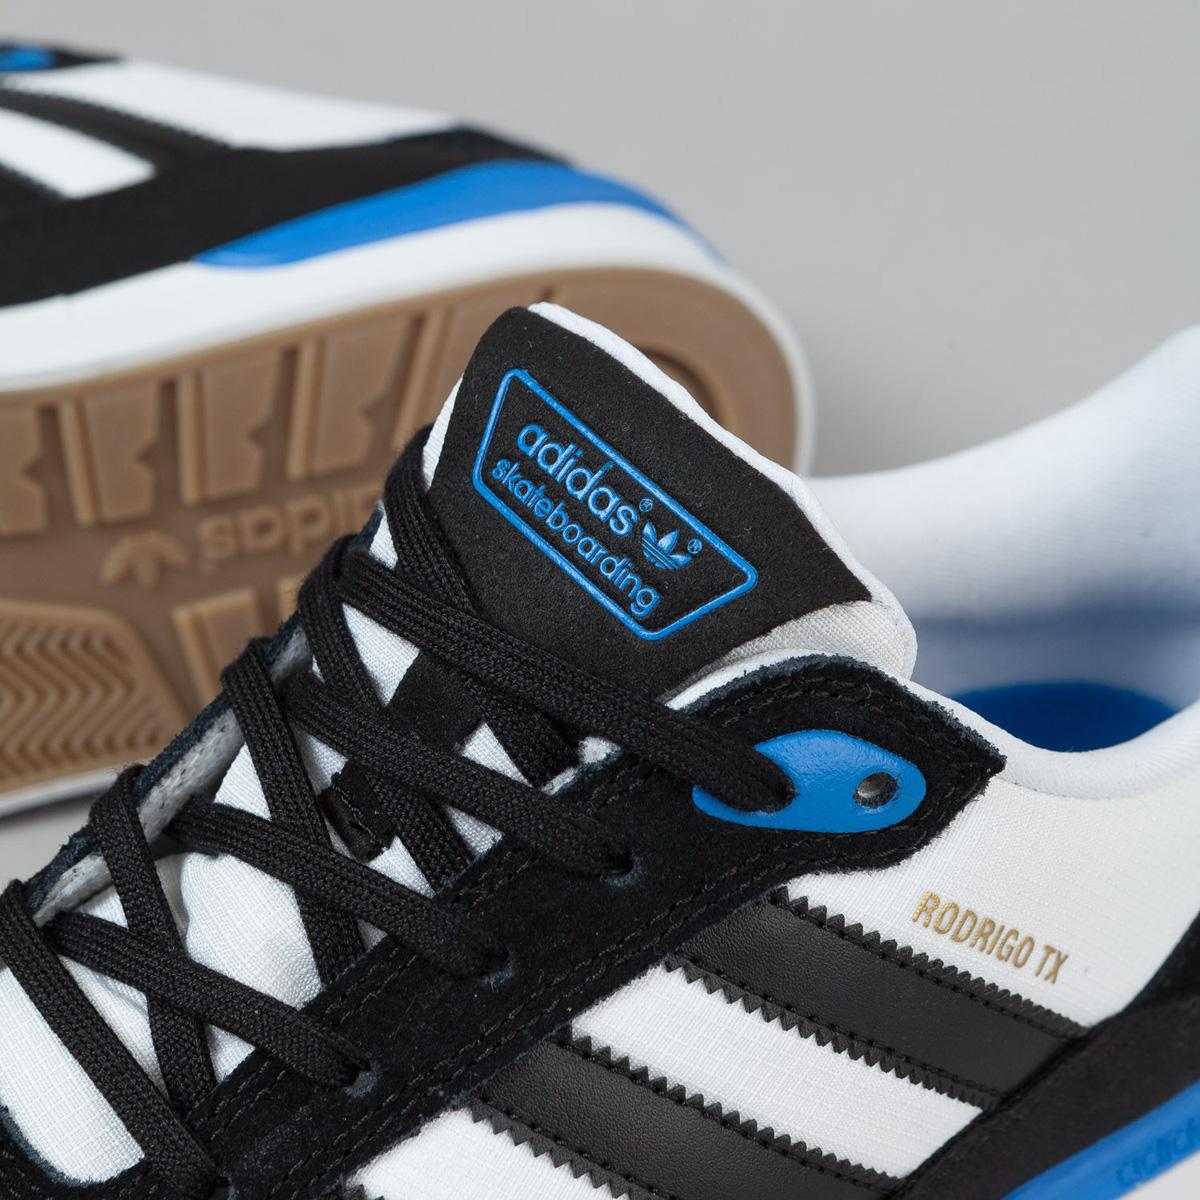 e38c3af6d288 ... usa adidas skateboarding zx vulc x rodrigo tx 279cc a86a0